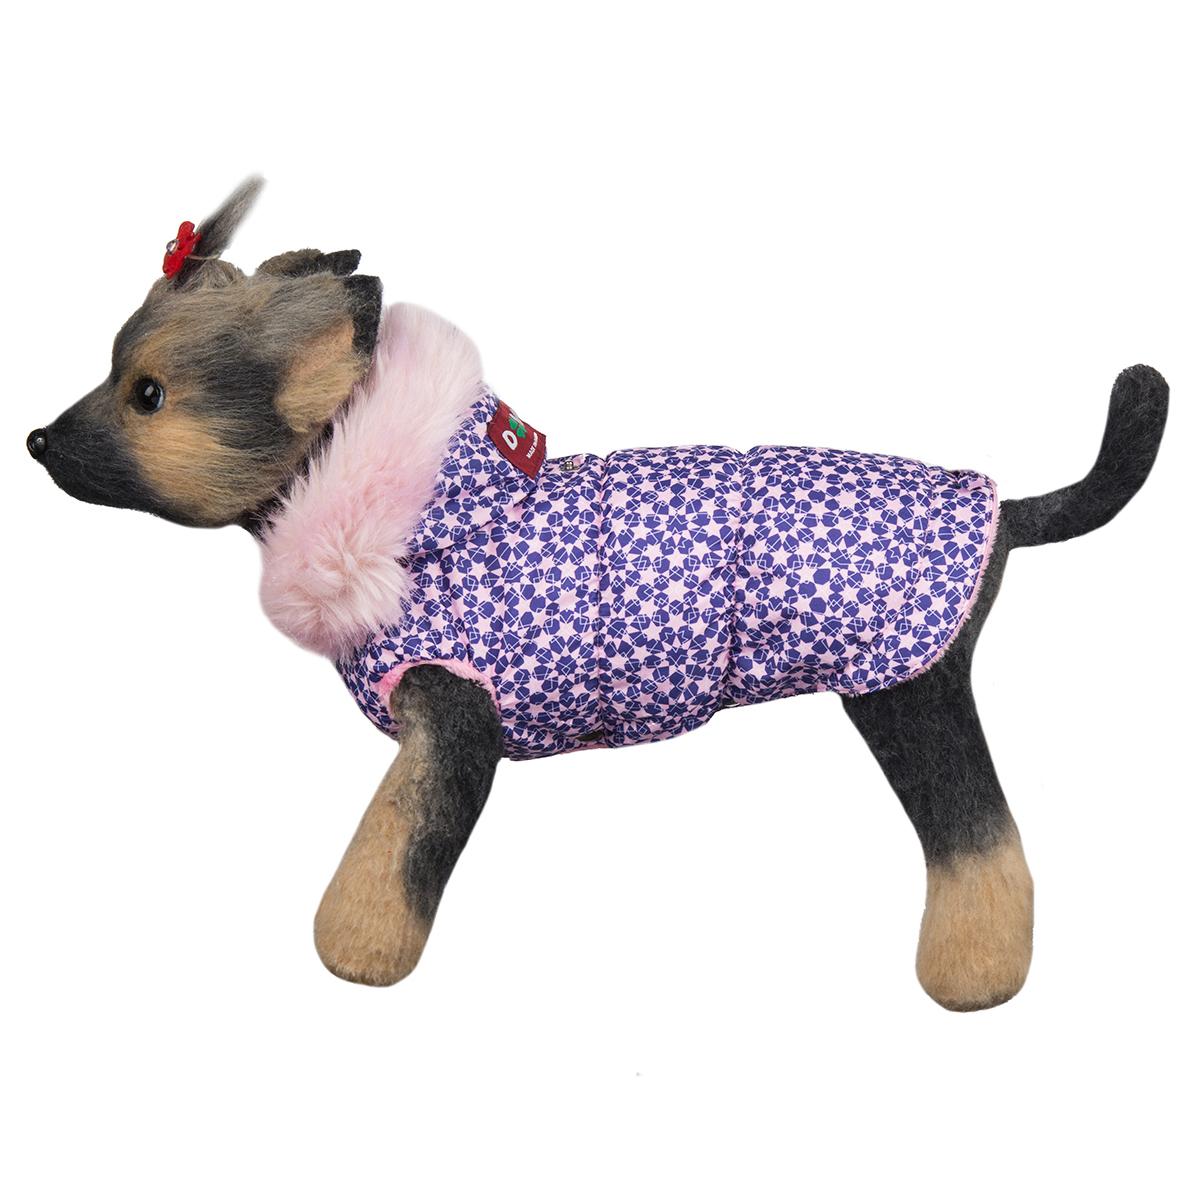 Куртка для собак Dogmoda Аляска, для девочки. Размер 4 (XL)DM-160290-4Куртка для собак Dogmoda Аляска изготовлена из полиэстера водоотталкивающего типа. Для подкладки был использован синтепон и искусственный мех. Изделие легко одевается и снимается, не доставляя неприятных минут хозяину и его питомцу. Технология пошива аляски не стесняет движений и позволяет весело бегать наперегонки с четвероногими друзьями. Непрерывный теплообмен обеспечивает сохранение свежести кожного покрова, который у маленьких собачек особенно чувствителен и уязвим. Светлые, мягкие и яркие тона аляски будут гармонировать с веселостью и подвижностью домашнего любимца на прогулке. Одежда надежно защитит собачку от пронизывающей зимней стужи и позволит от души наслаждаться свежим снегом и длительным пребыванием на прогулке в морозный день.